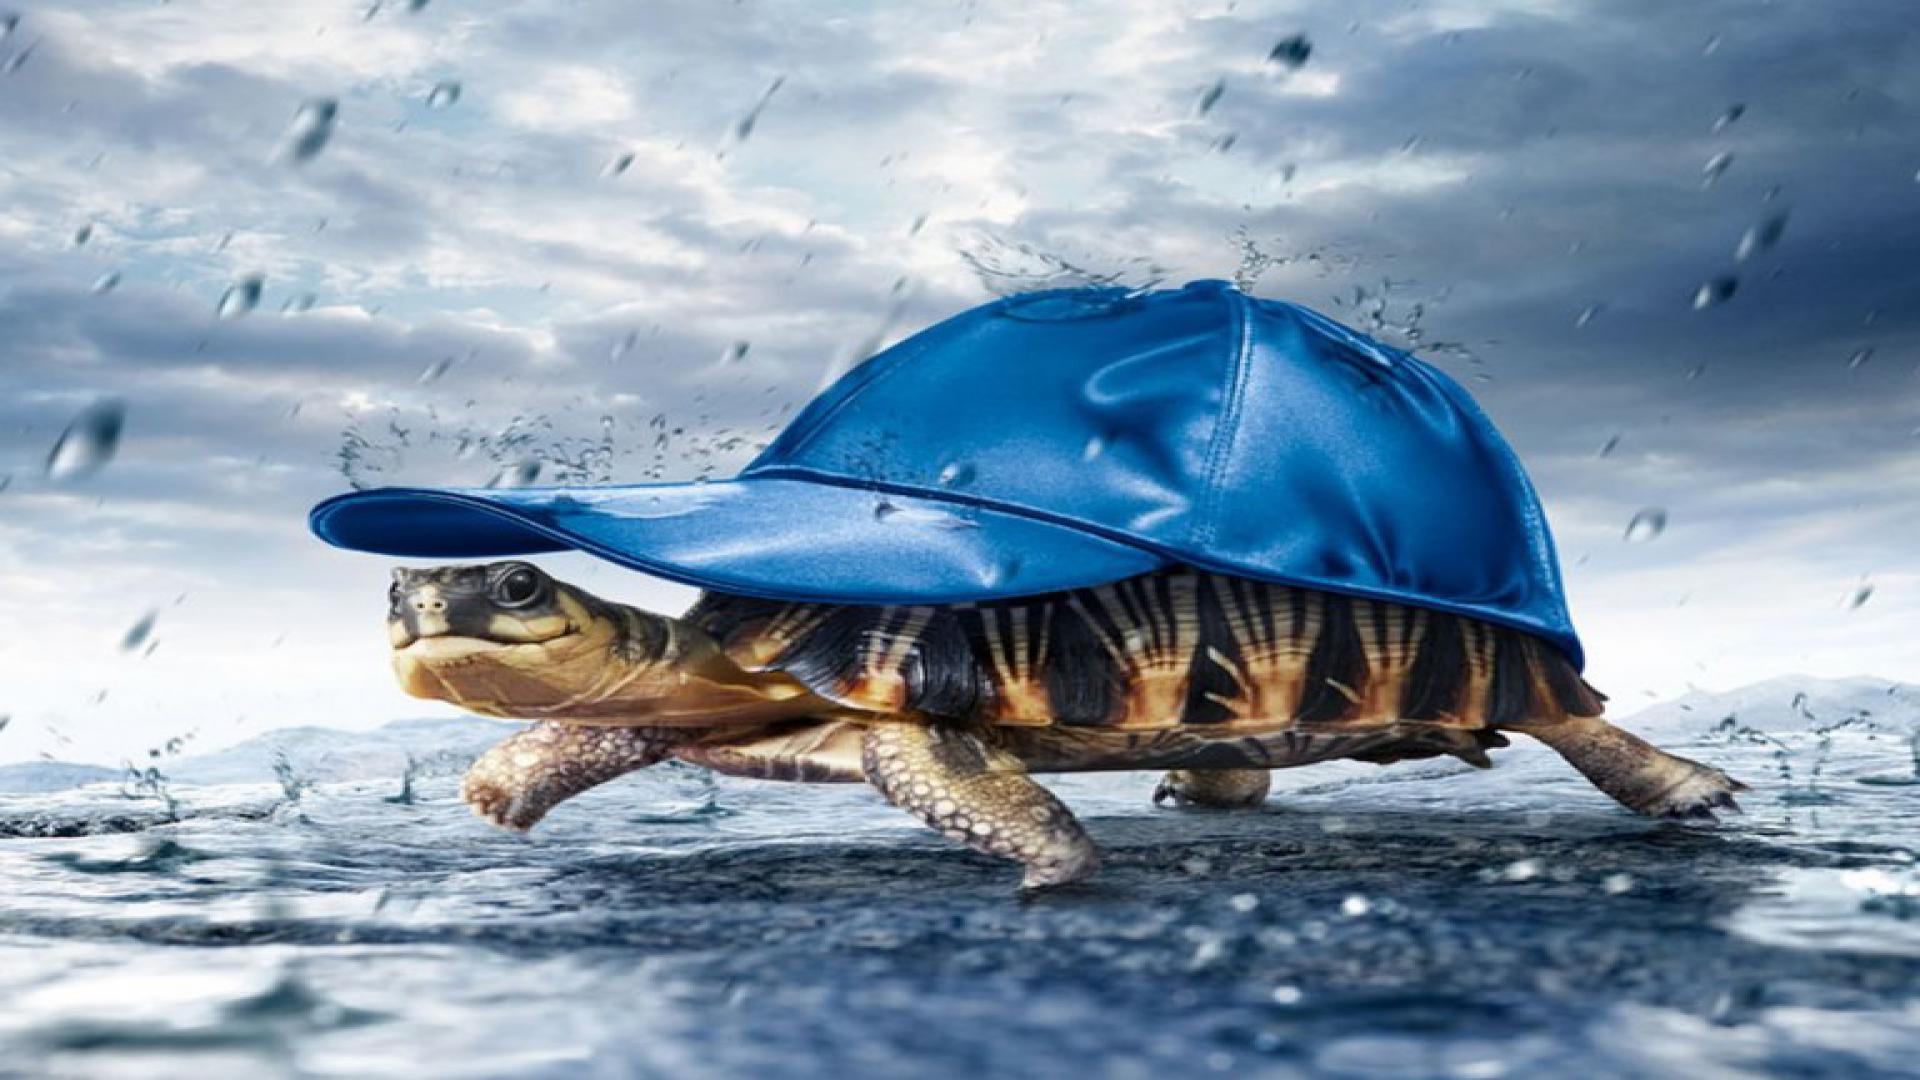 Hình nền 3D rùa biển